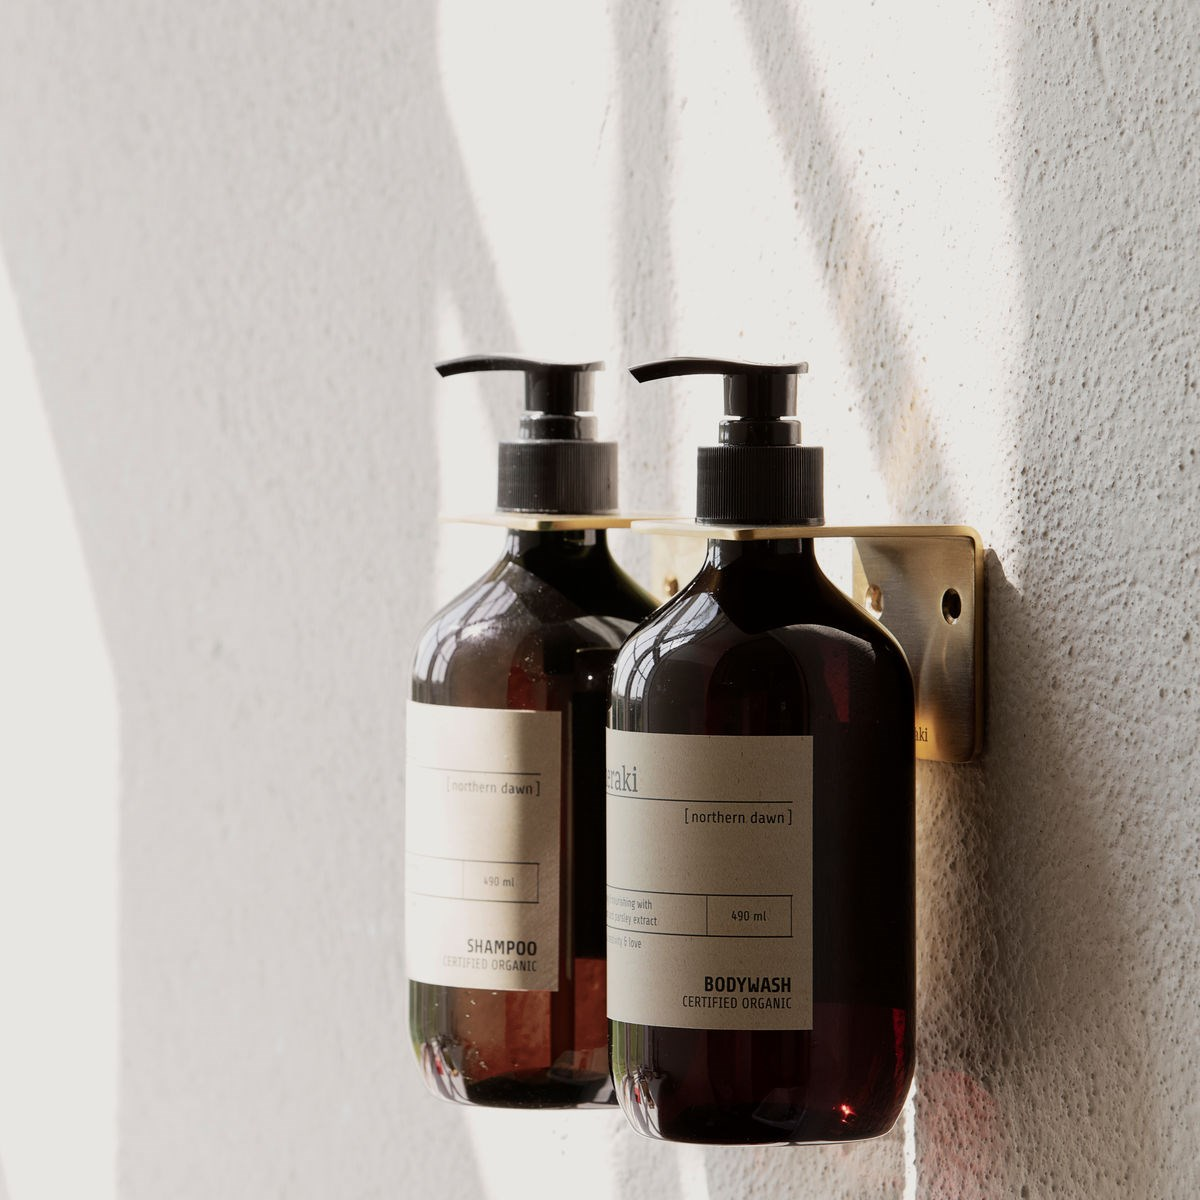 Sprchový gel Northern dawn 490 ml_0